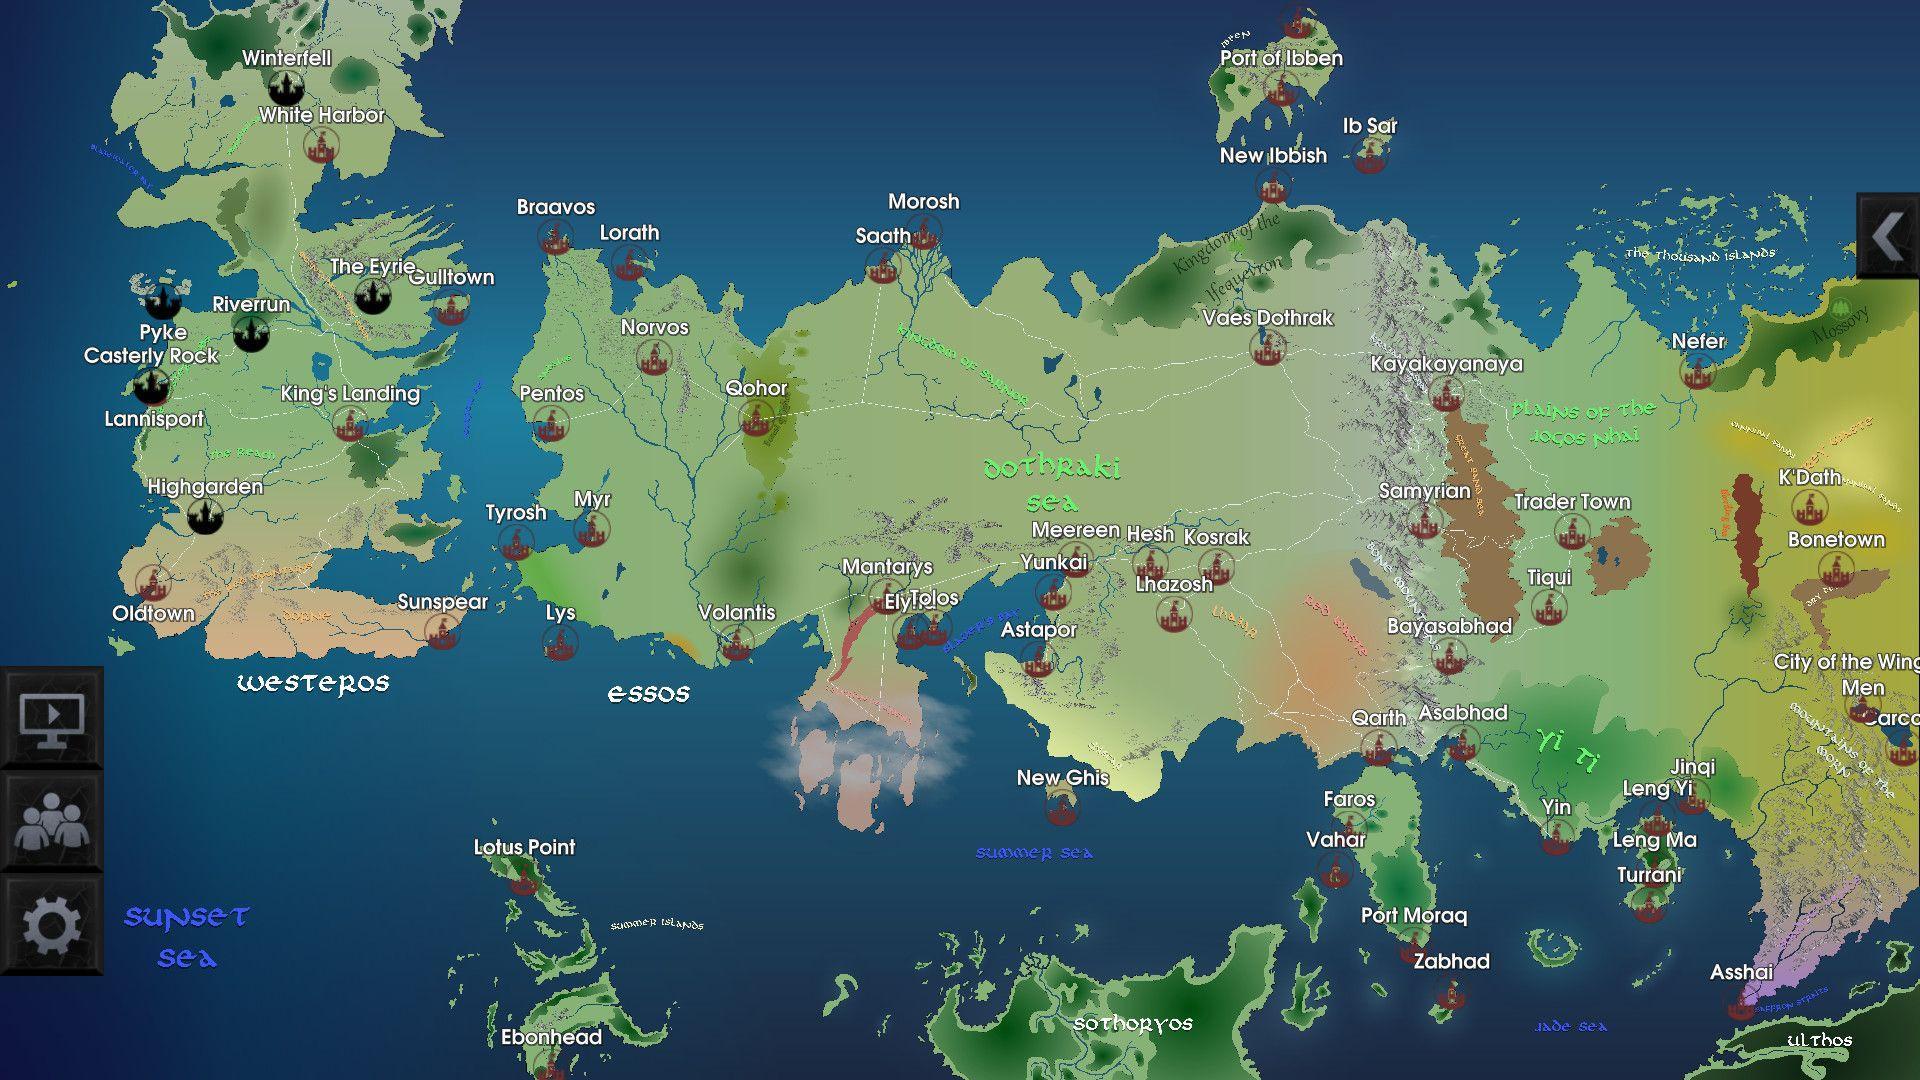 1920x1080 Westeros Map hình nền